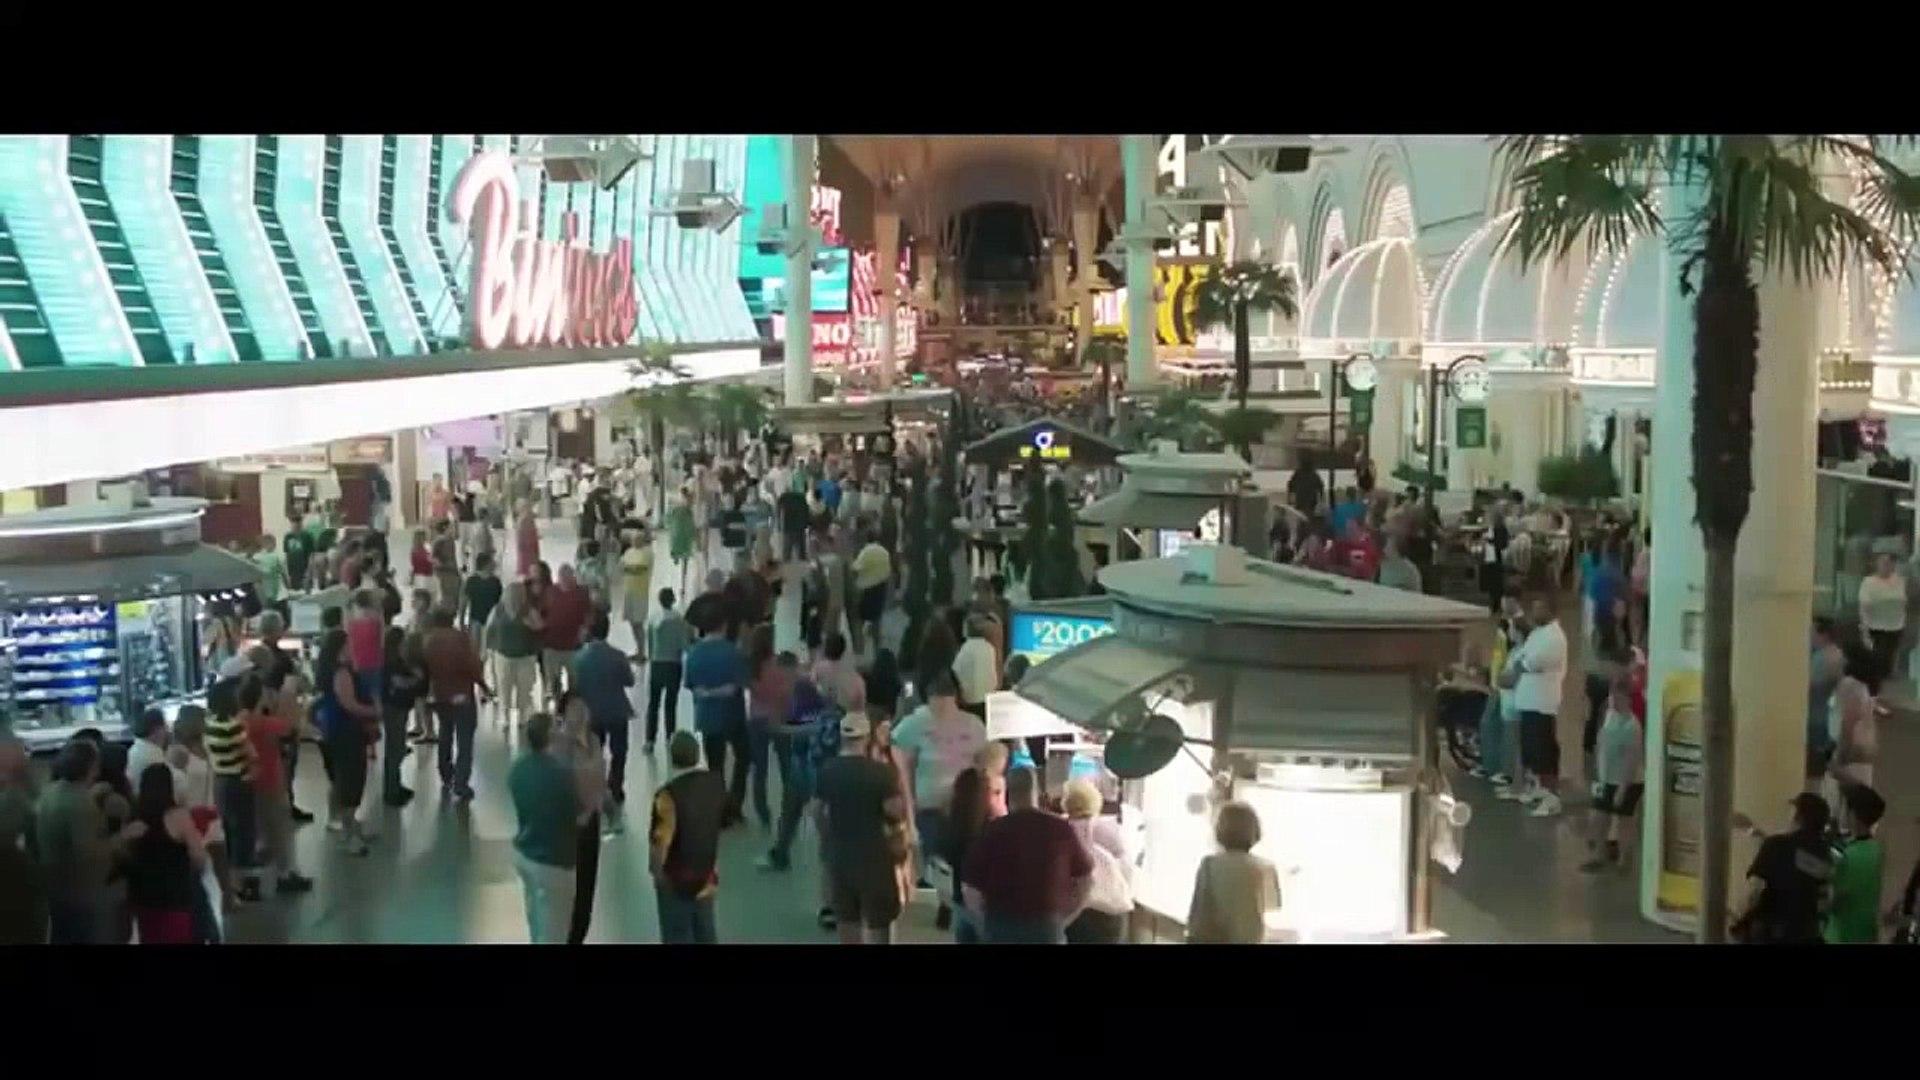 ЧЁРНЫЕ КОМЕДИИ 2017 ДЖЕКПОТ (2017) РУСКАЯ КОМЕДИЯ ФИЛЬМ HD 2 часть вторая часть